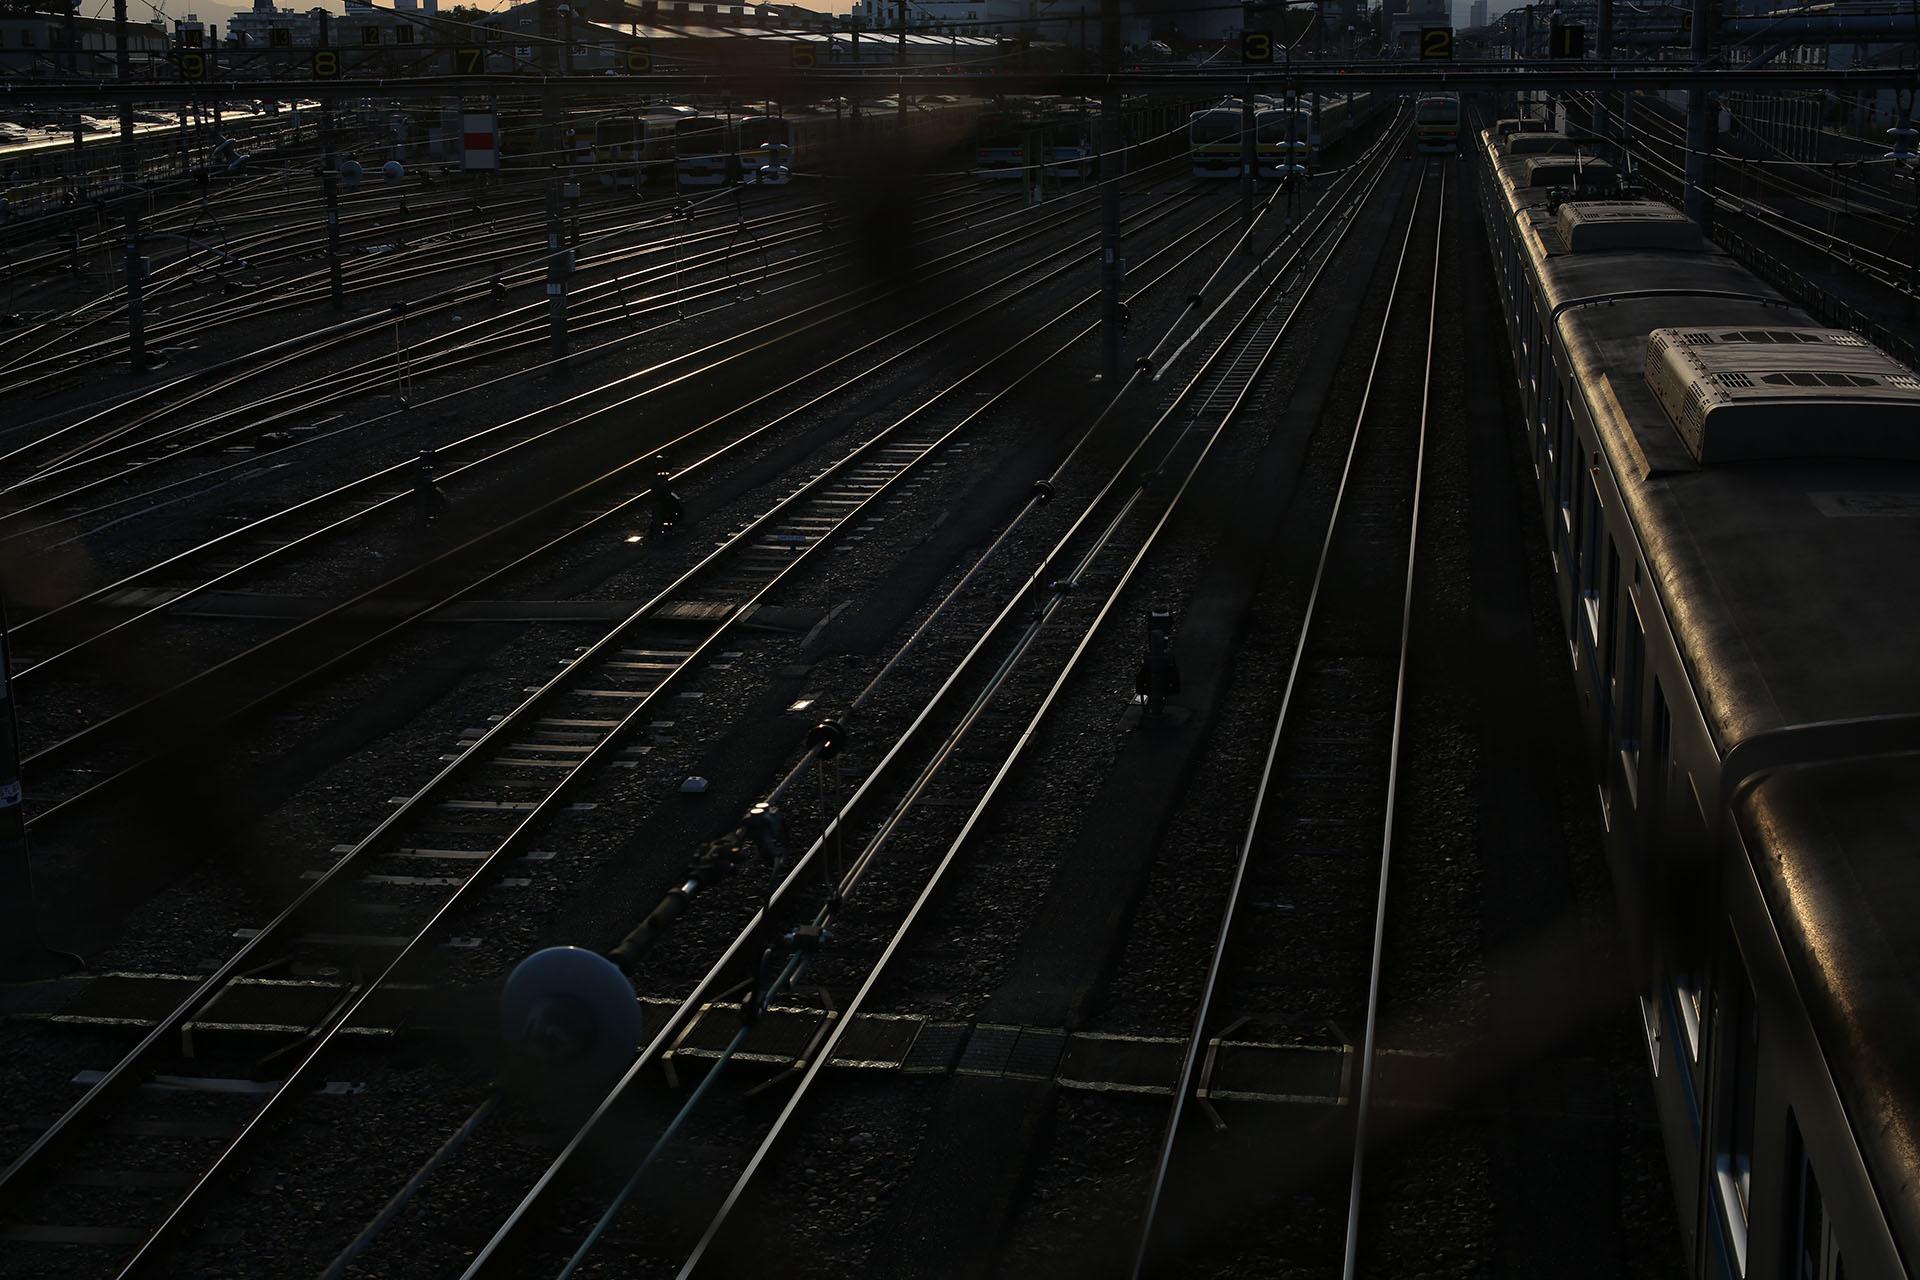 三鷹電車庫跨線橋 Canon EOS 5D MarkIII